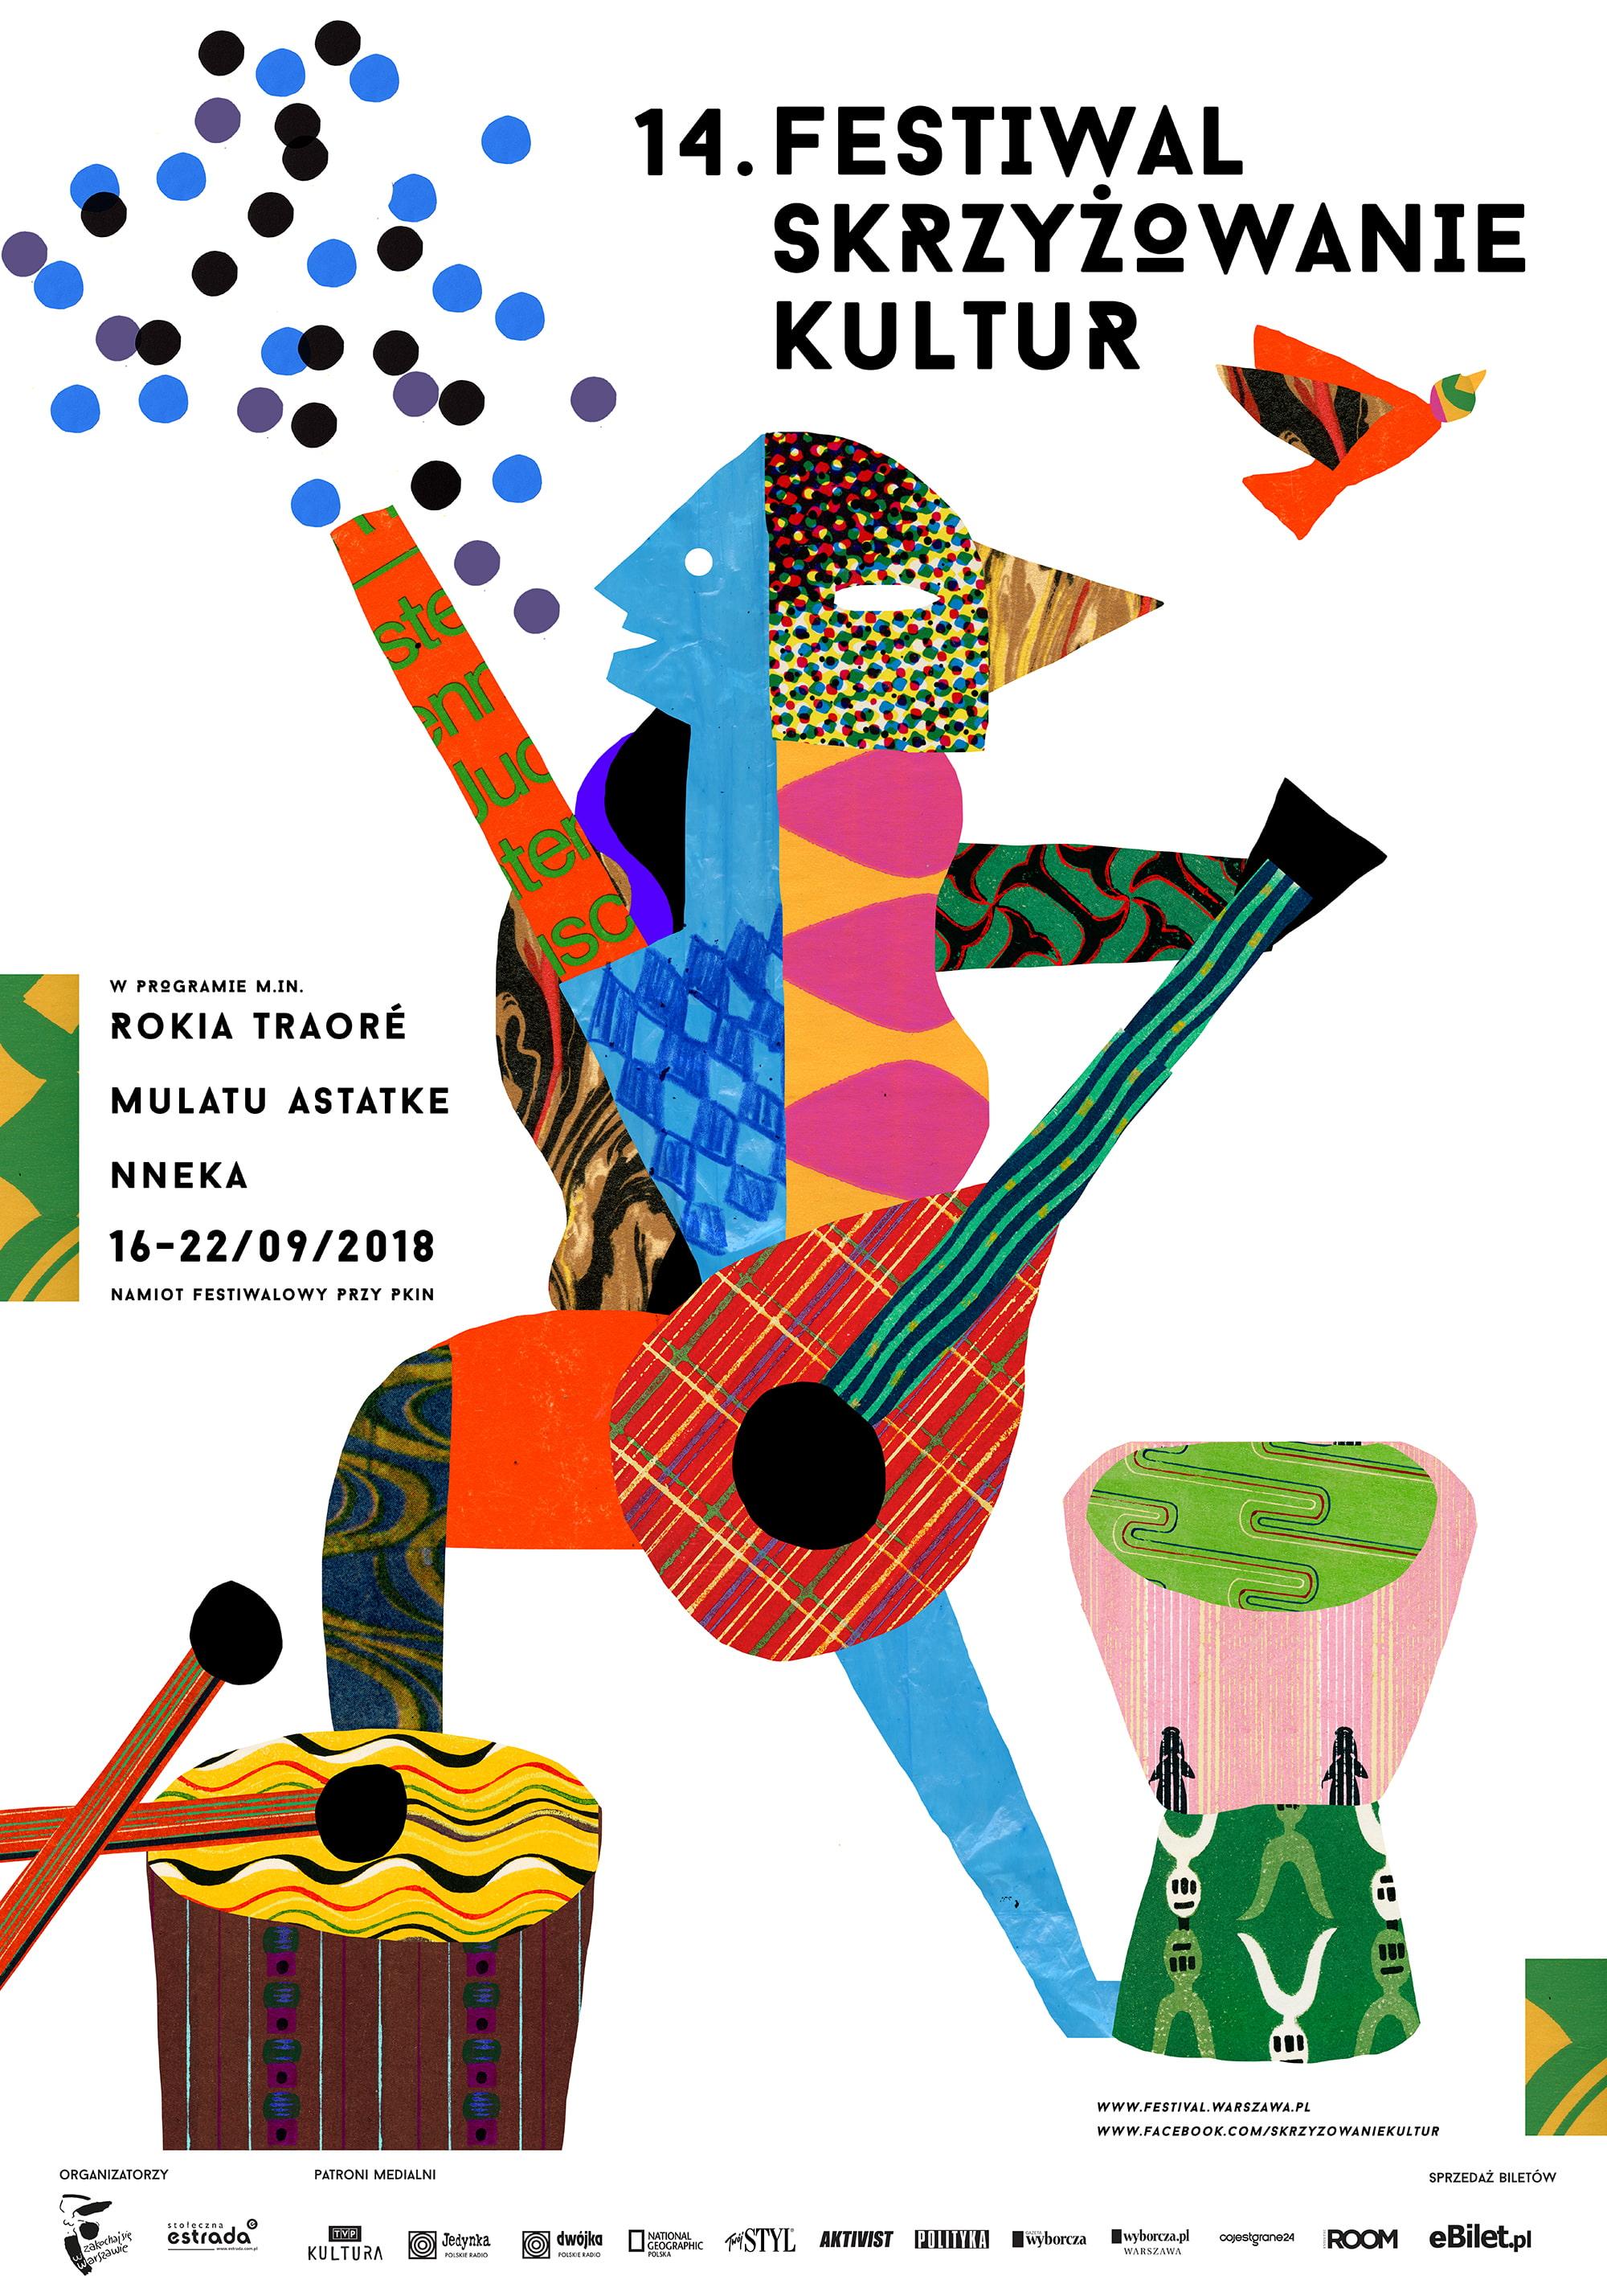 14. Festiwal Skrzyżowanie Kultur, 2018 (źródło: materiały prasowe organizatora)